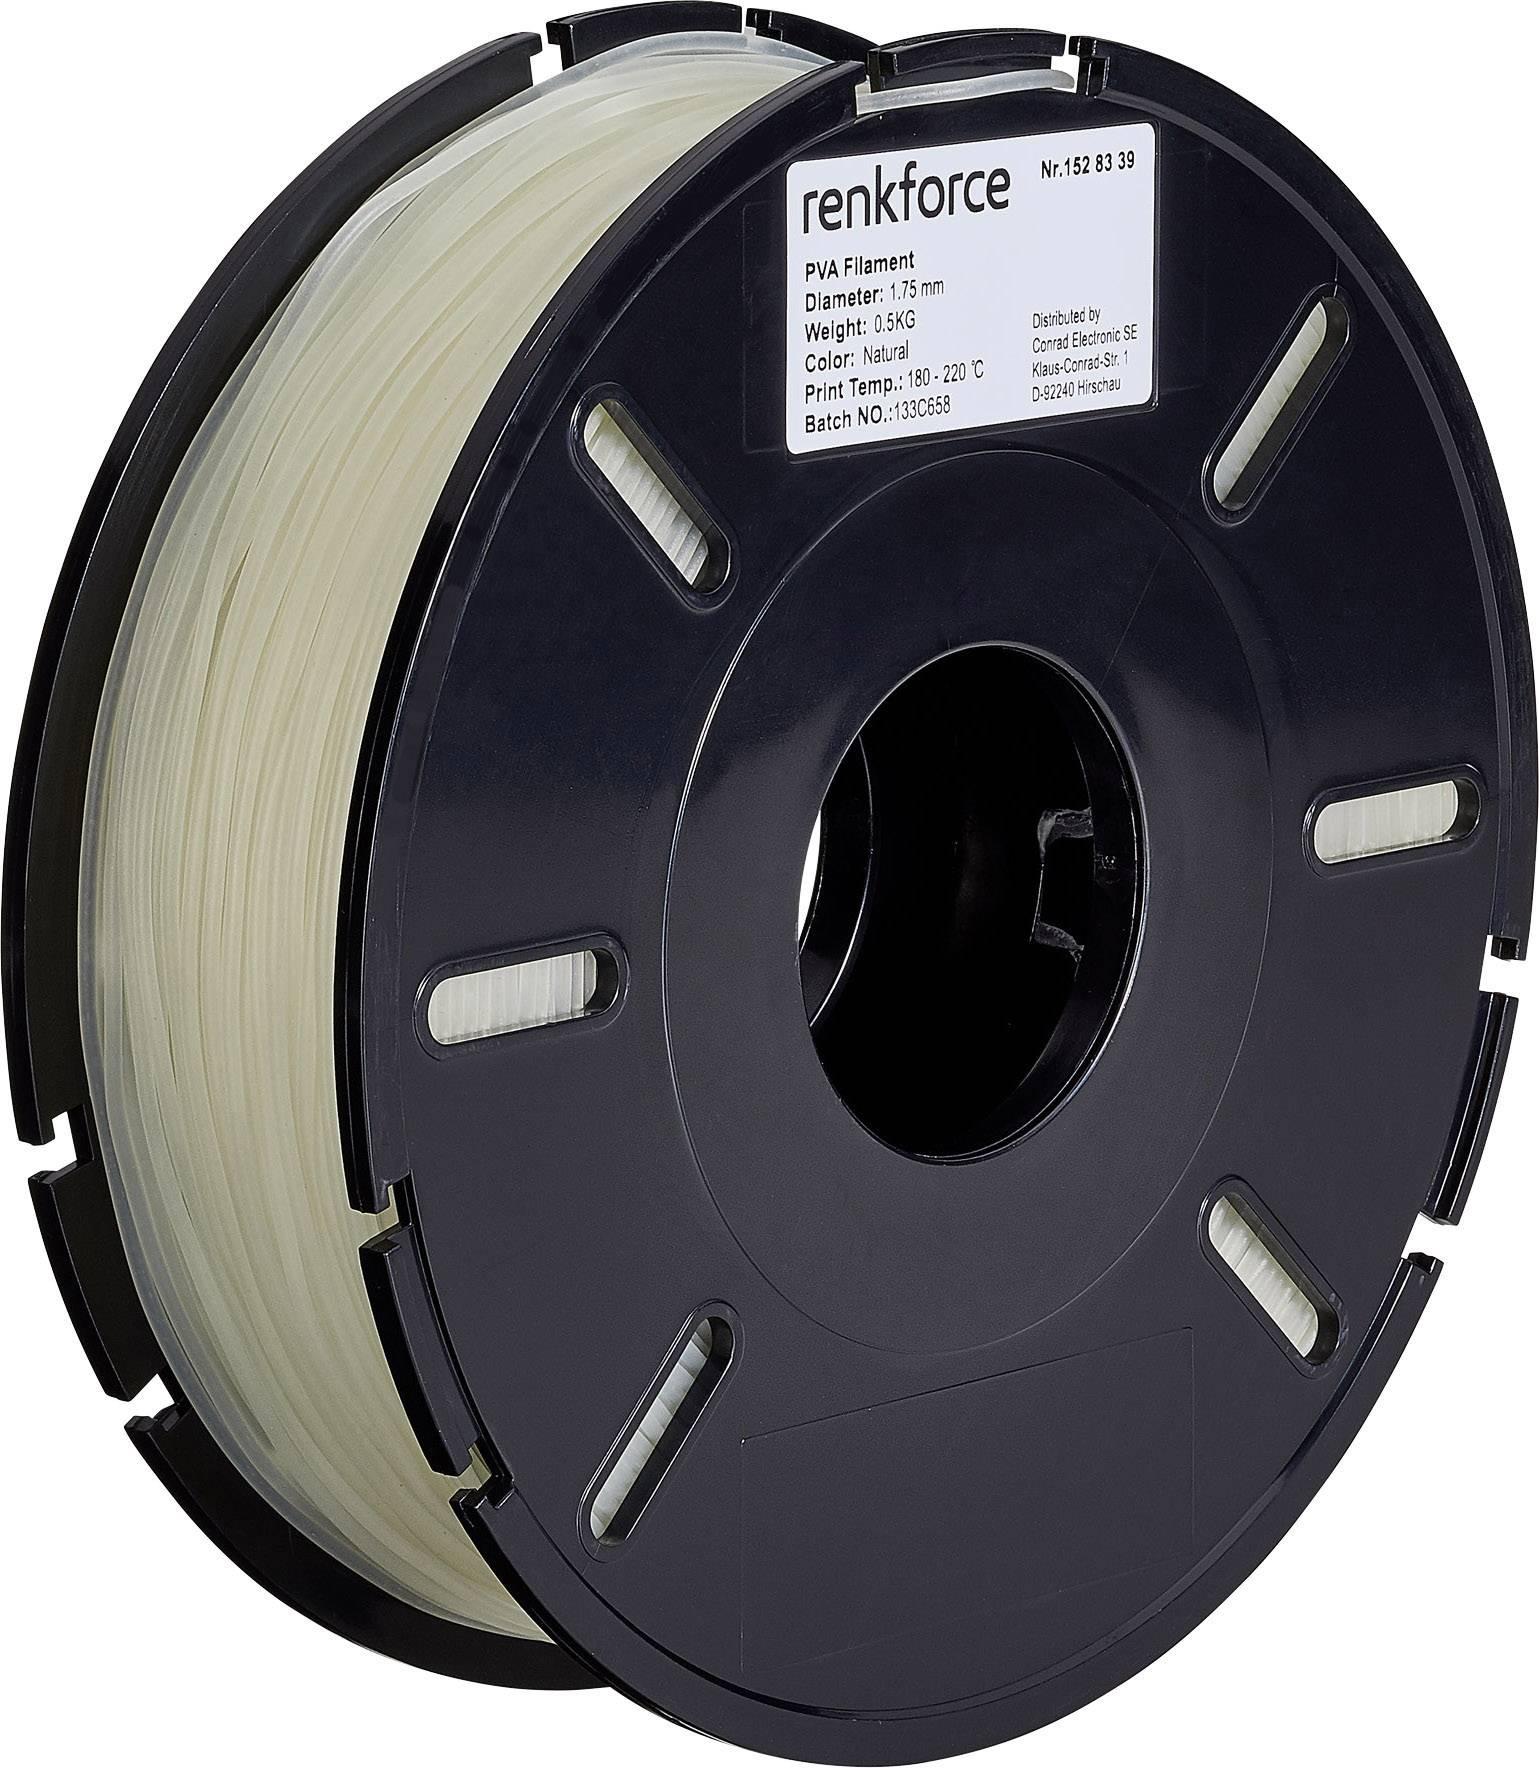 Vlákno pro 3D tiskárny Renkforce 01.04.05.5101, PVA plast, 1.75 mm, 500 g, transparentní